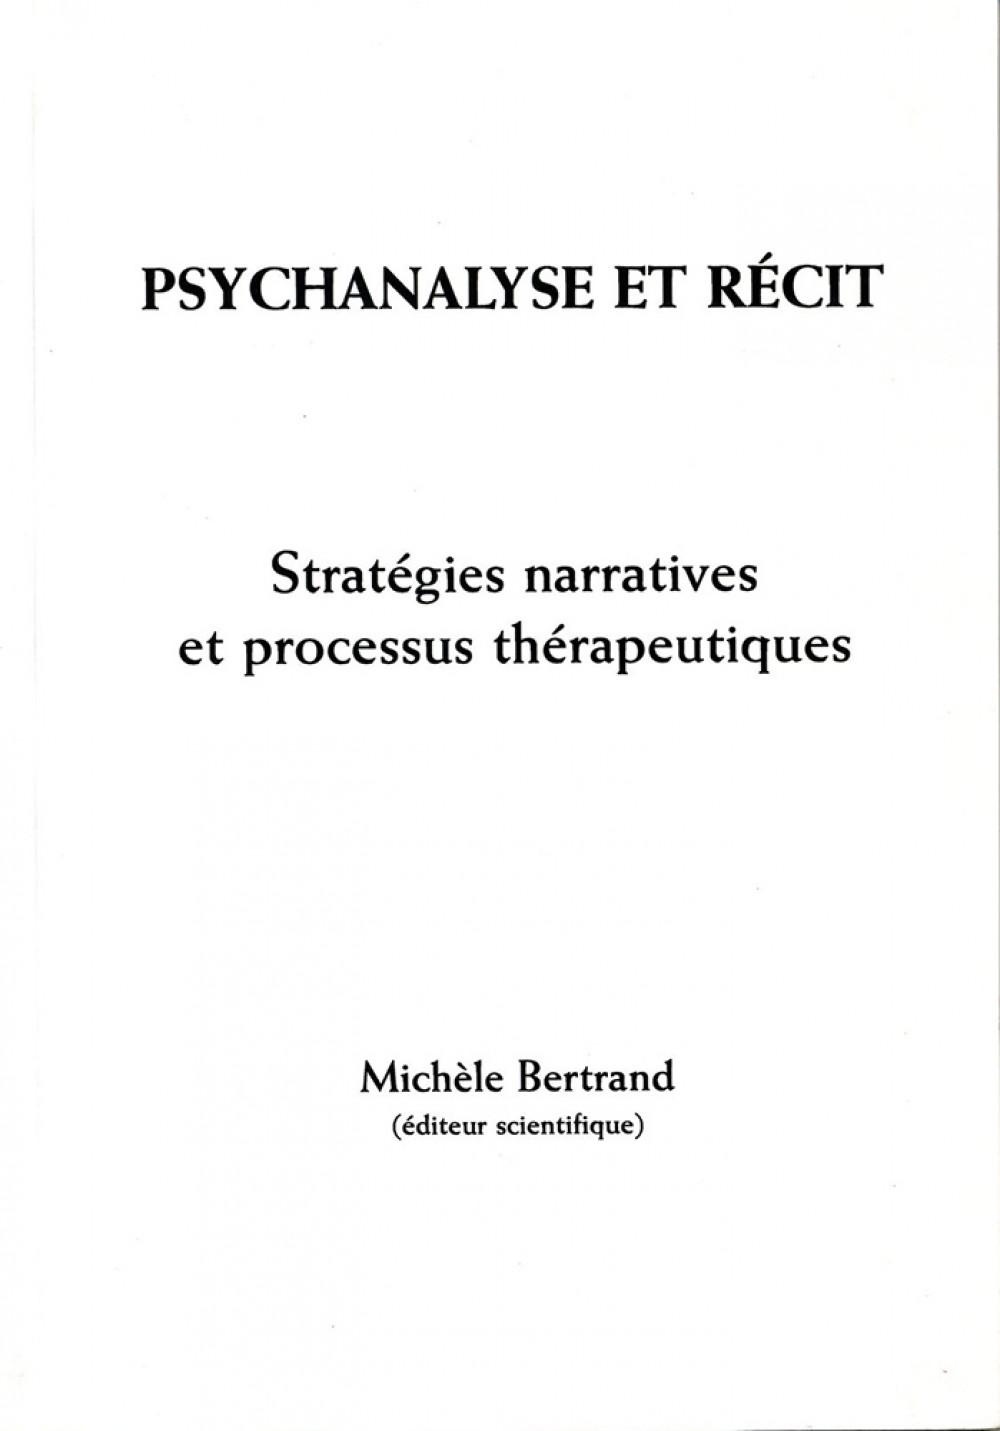 Psychanalyse et récit